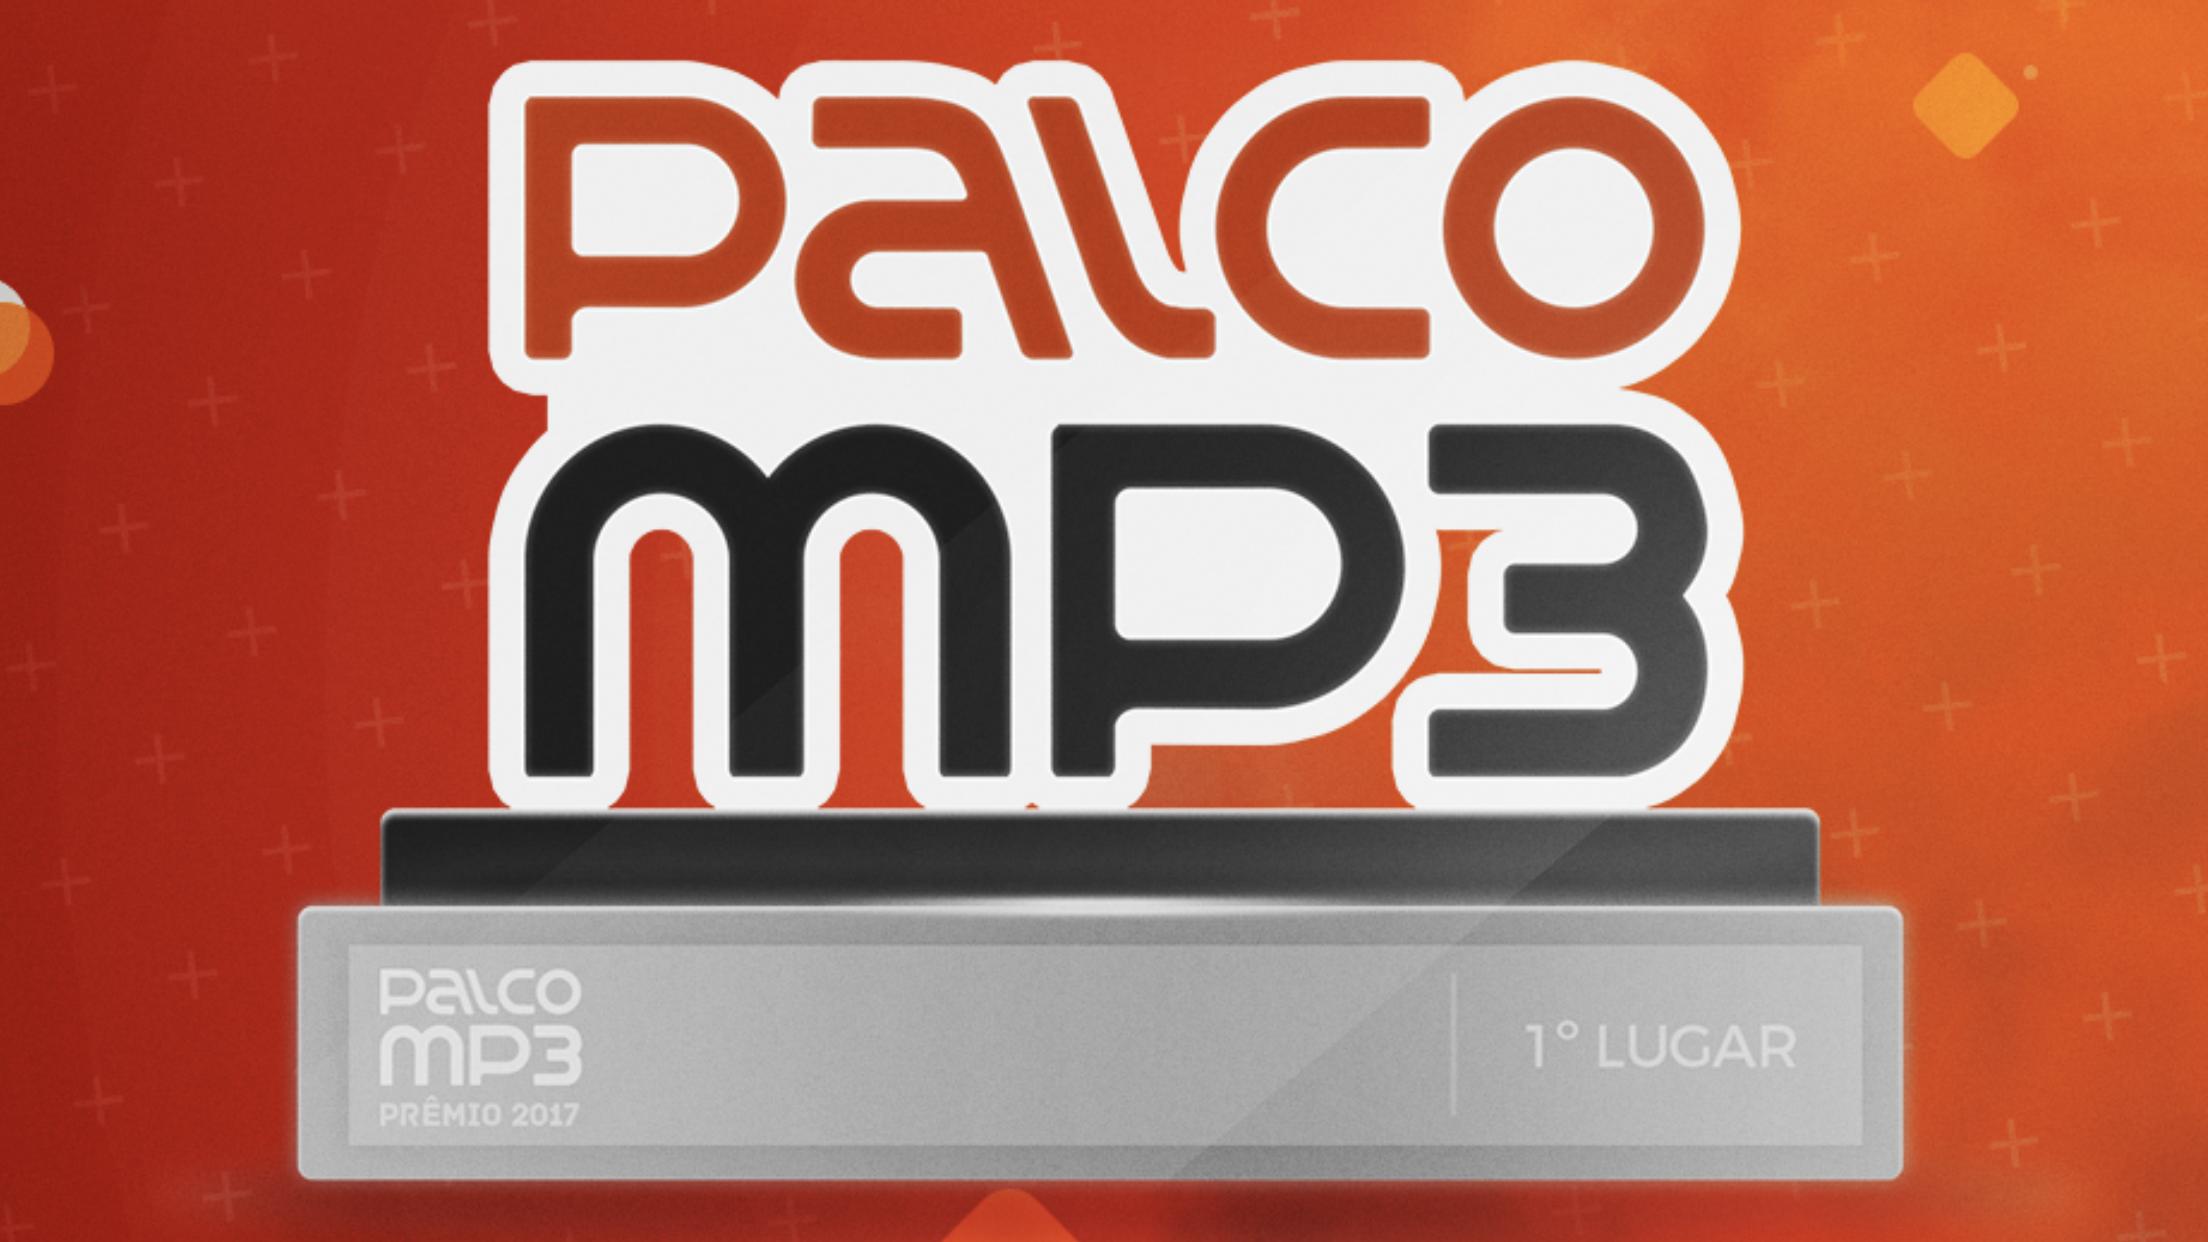 Prêmio Palco MP3 2017: maior site de música independente do Brasil realiza terceira edição de premiação anual